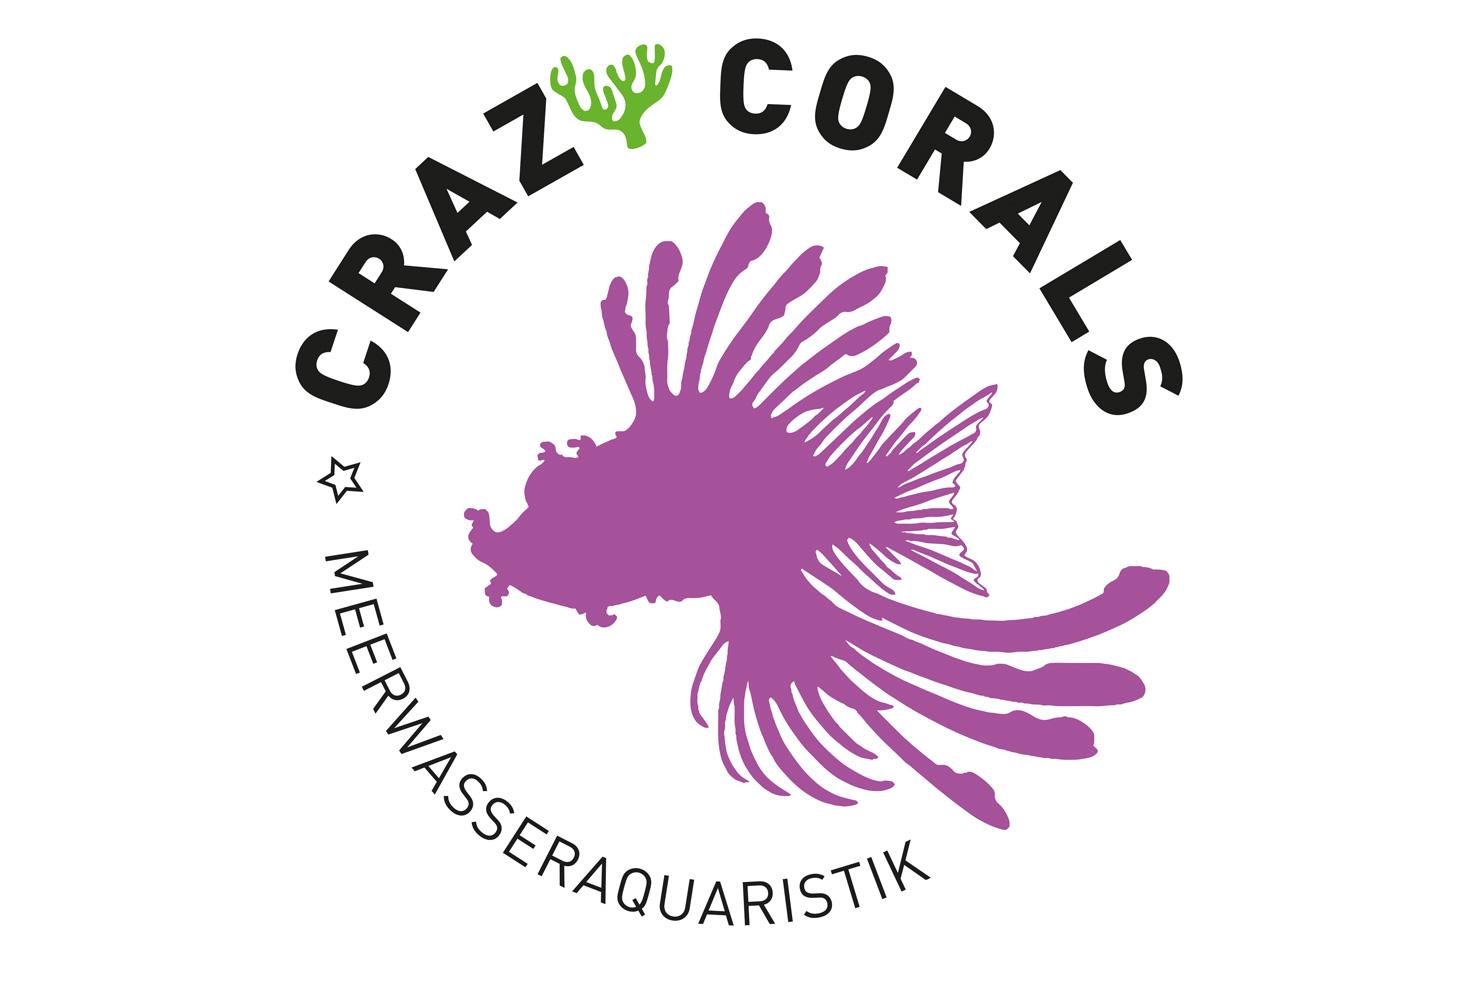 Bild 1 vom Crazy Corals Grafikdesign